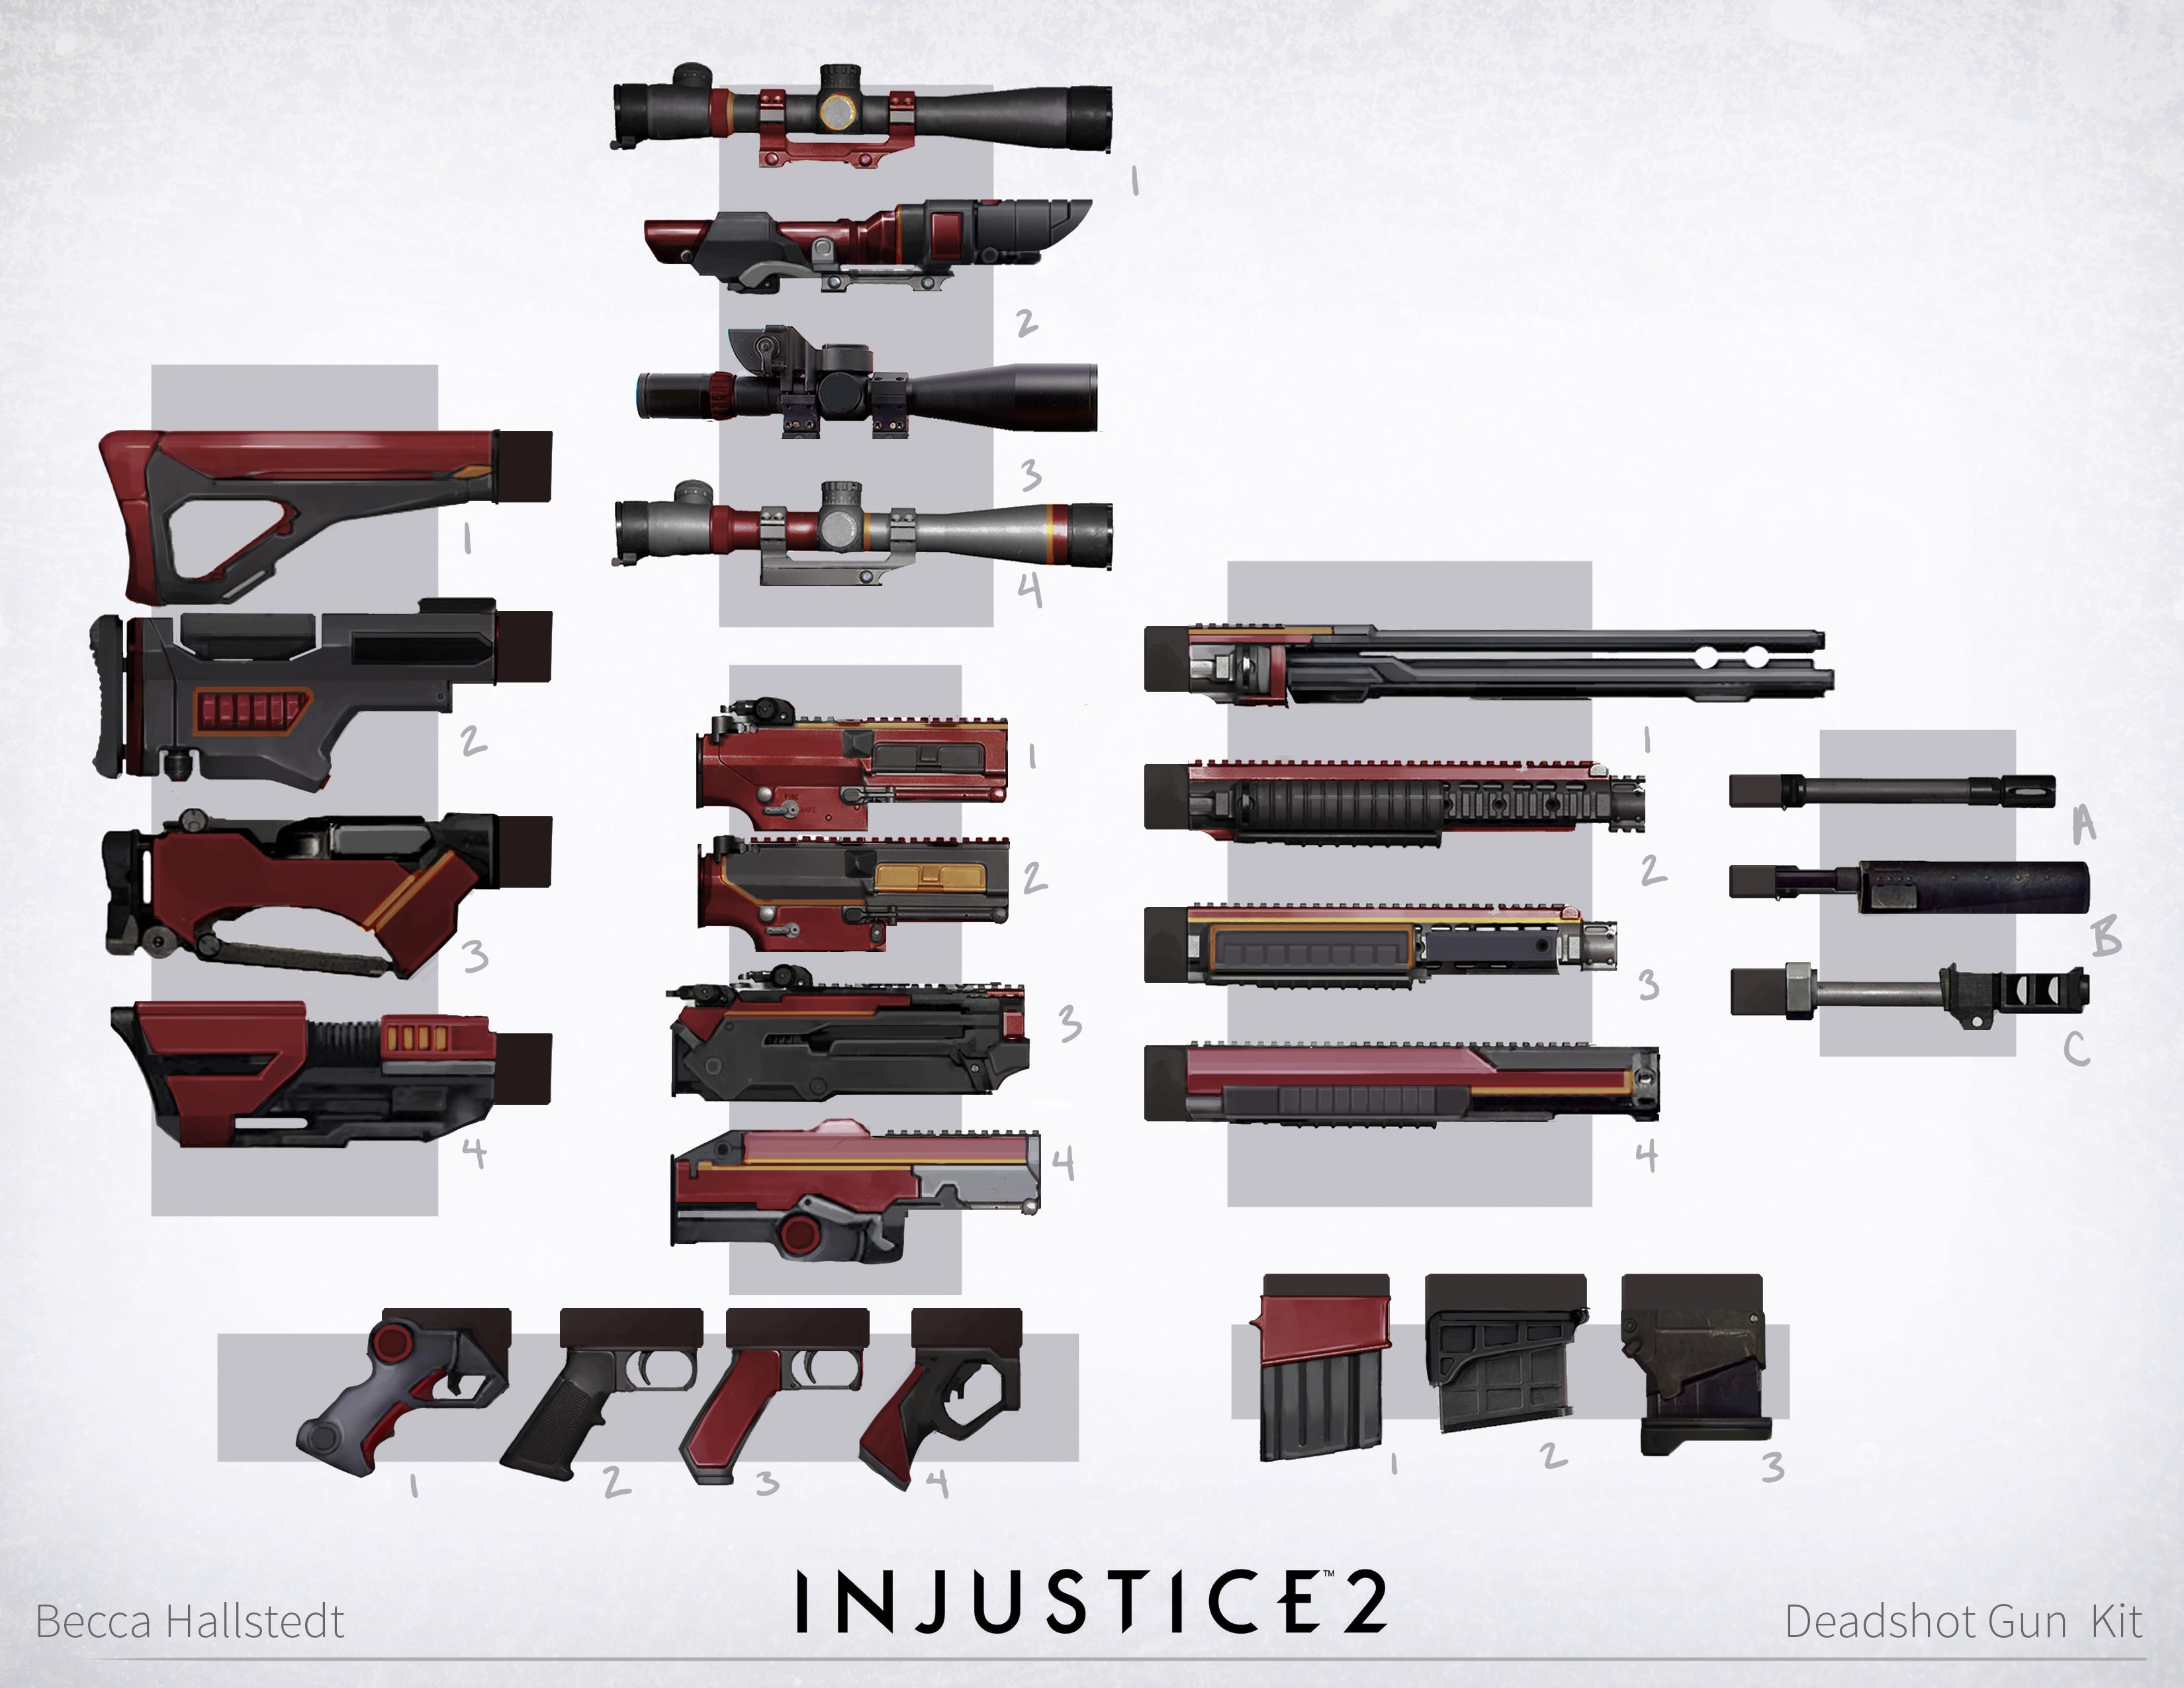 Gun kits! So many gun kits!!